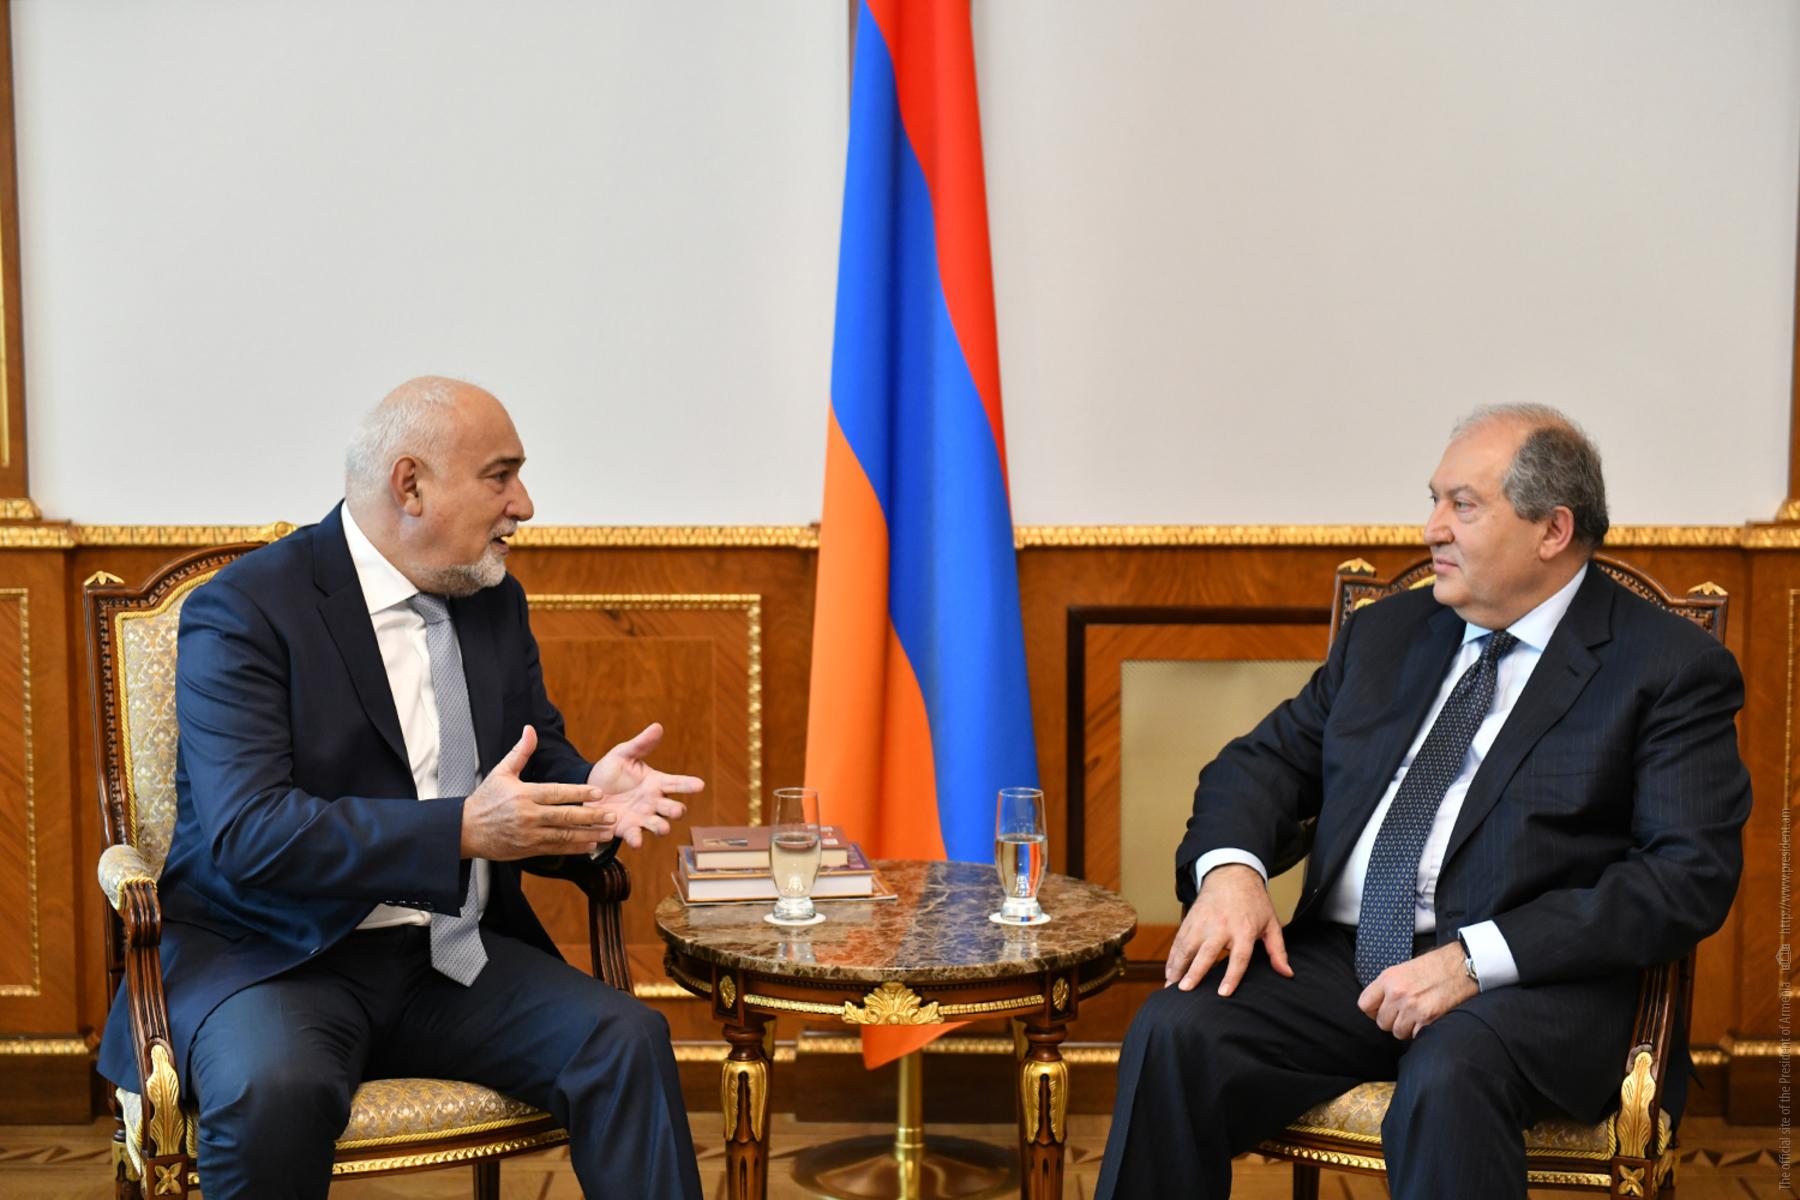 Photo of Նախագահ Արմեն Սարգսյանը հանդիպել է Ռումինիայի խորհրդարանի պատգամավոր Վարուժան Ոսկանյանի հետ